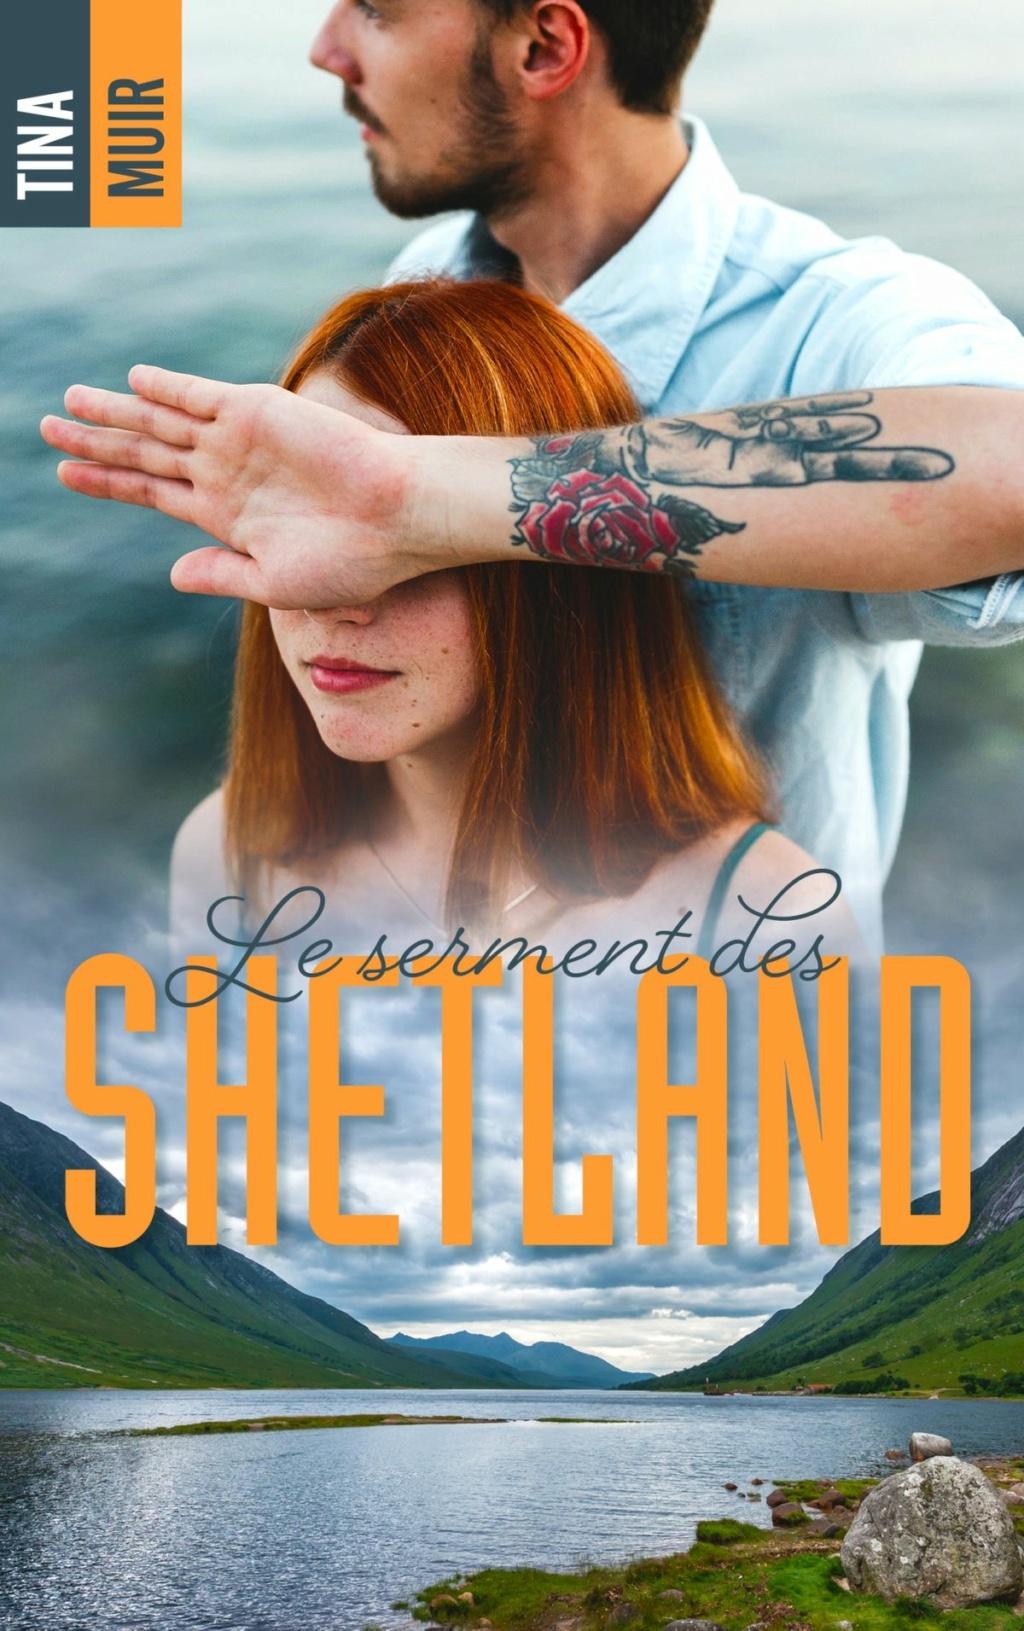 Le serment des Shetland de Tina Muir Le-ser10